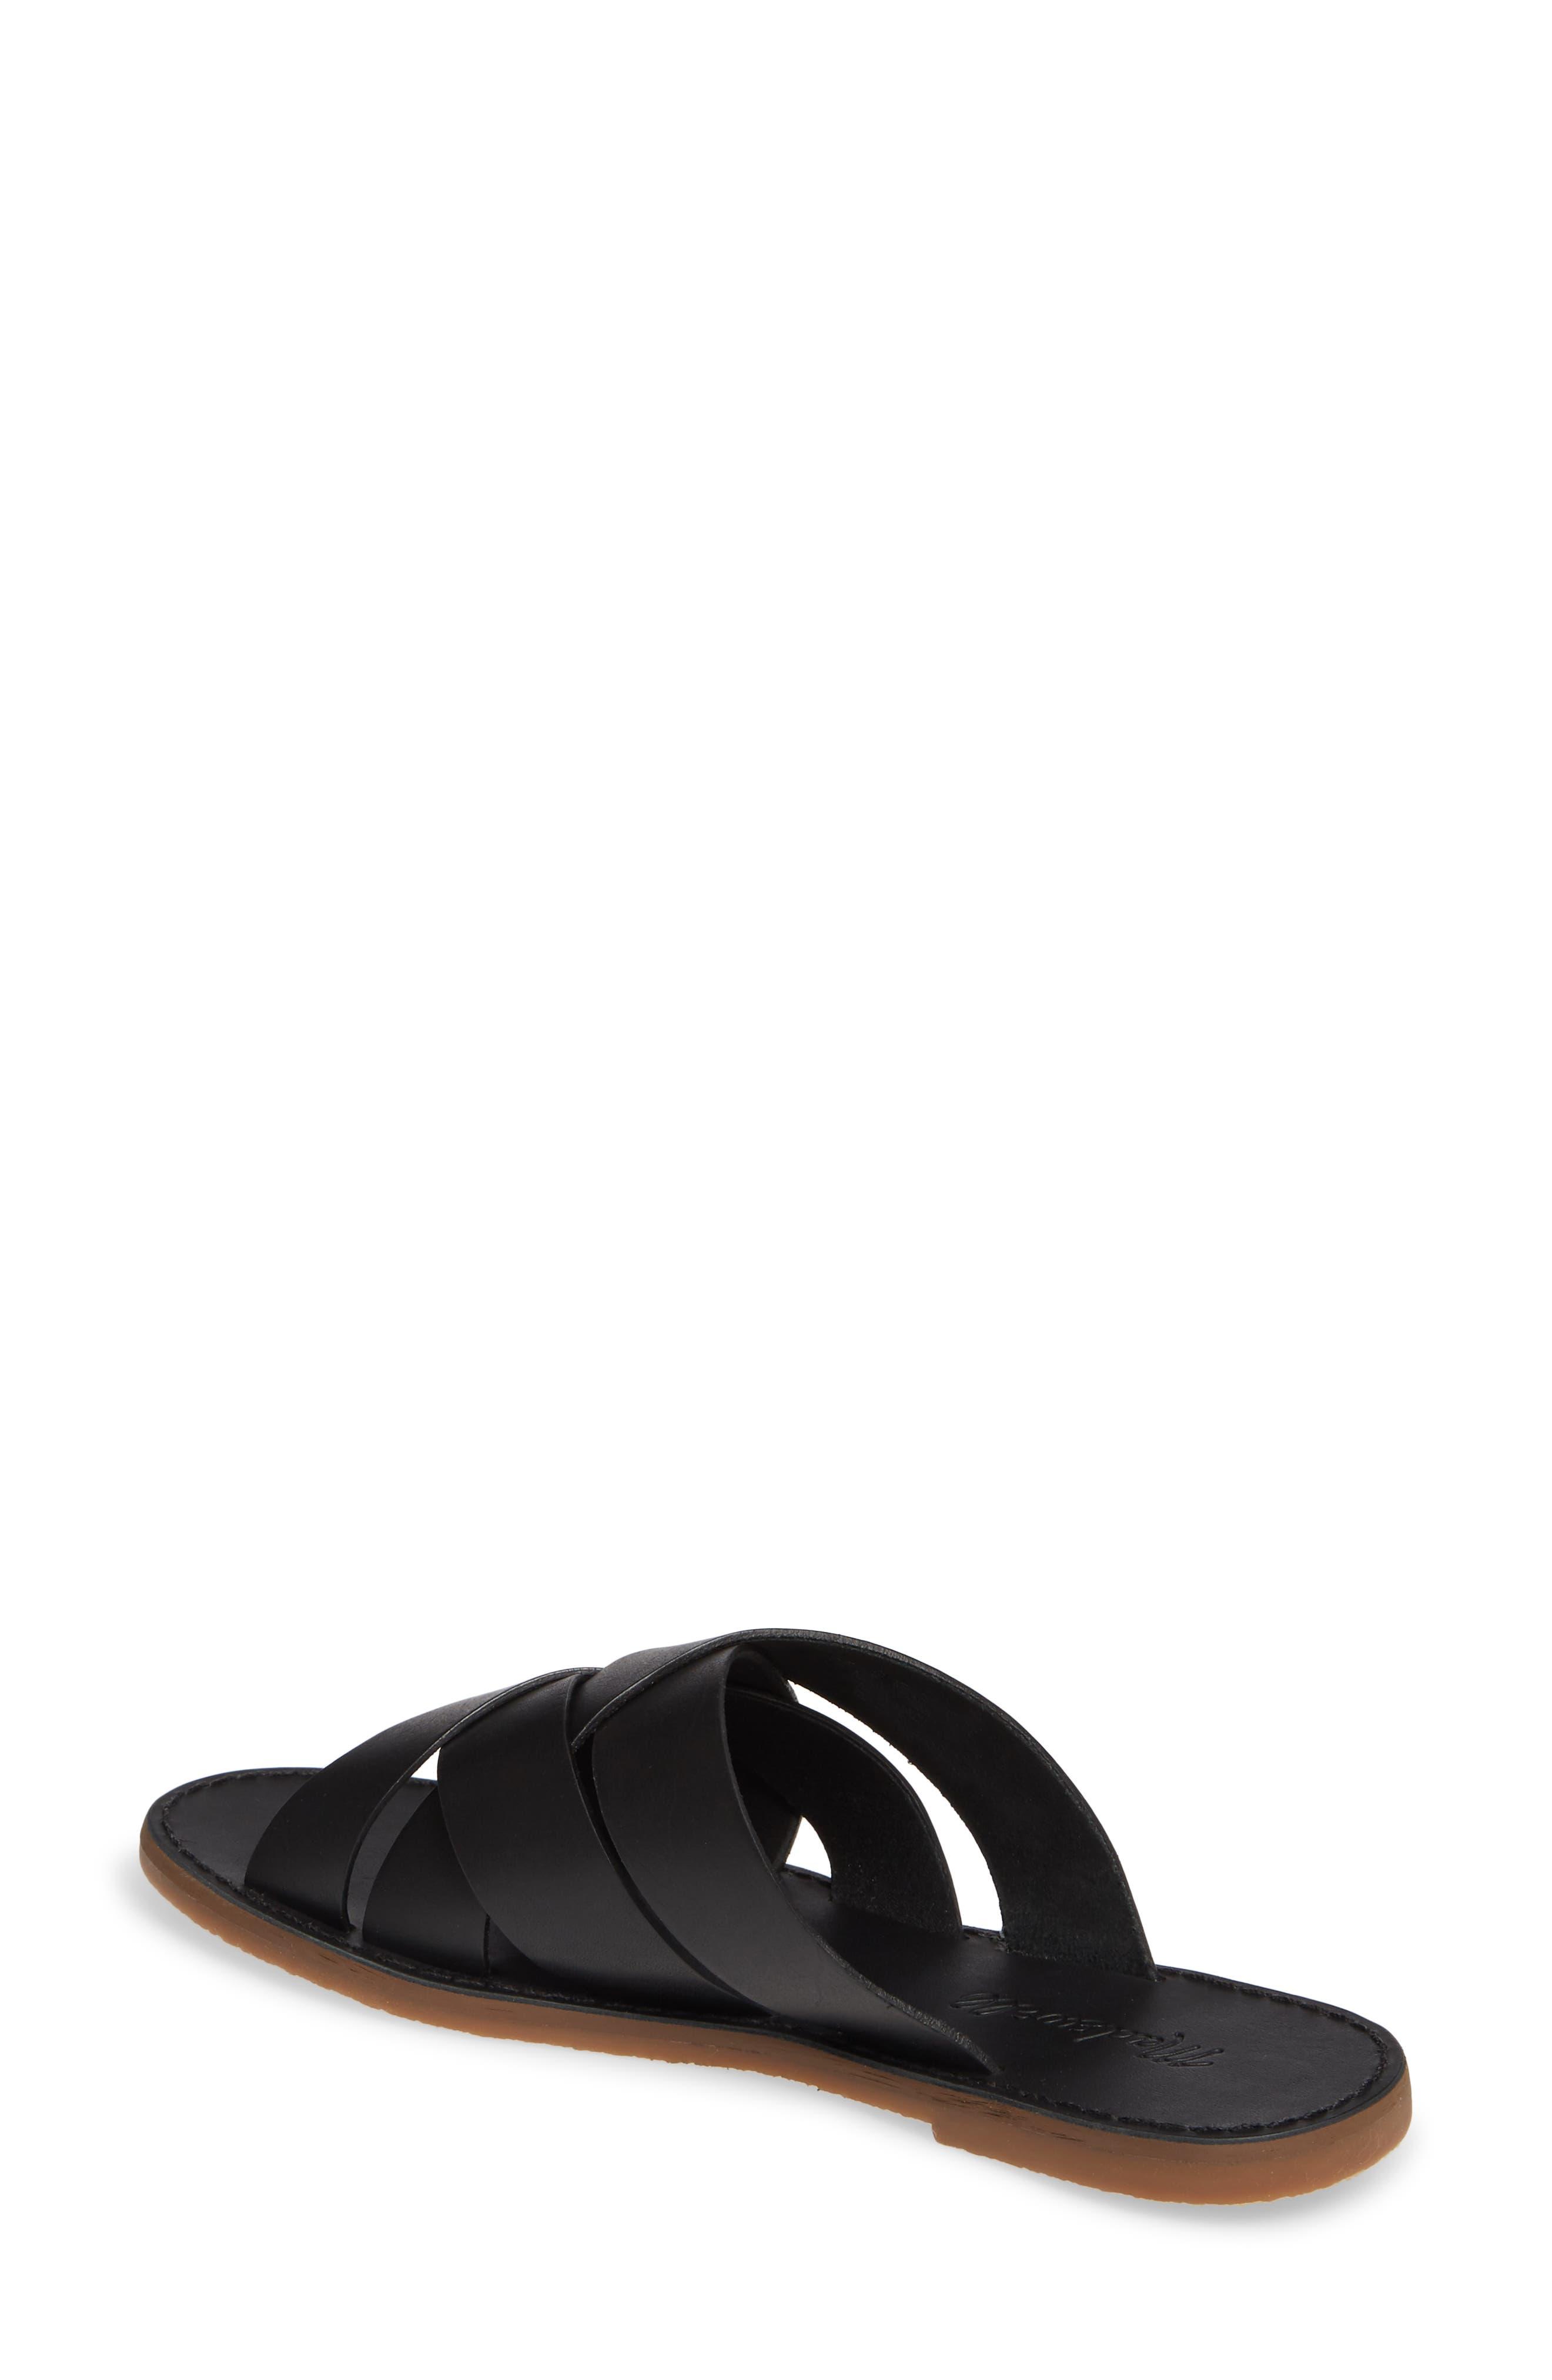 MADEWELL, The Boardwalk Woven Slide Sandal, Alternate thumbnail 2, color, TRUE BLACK